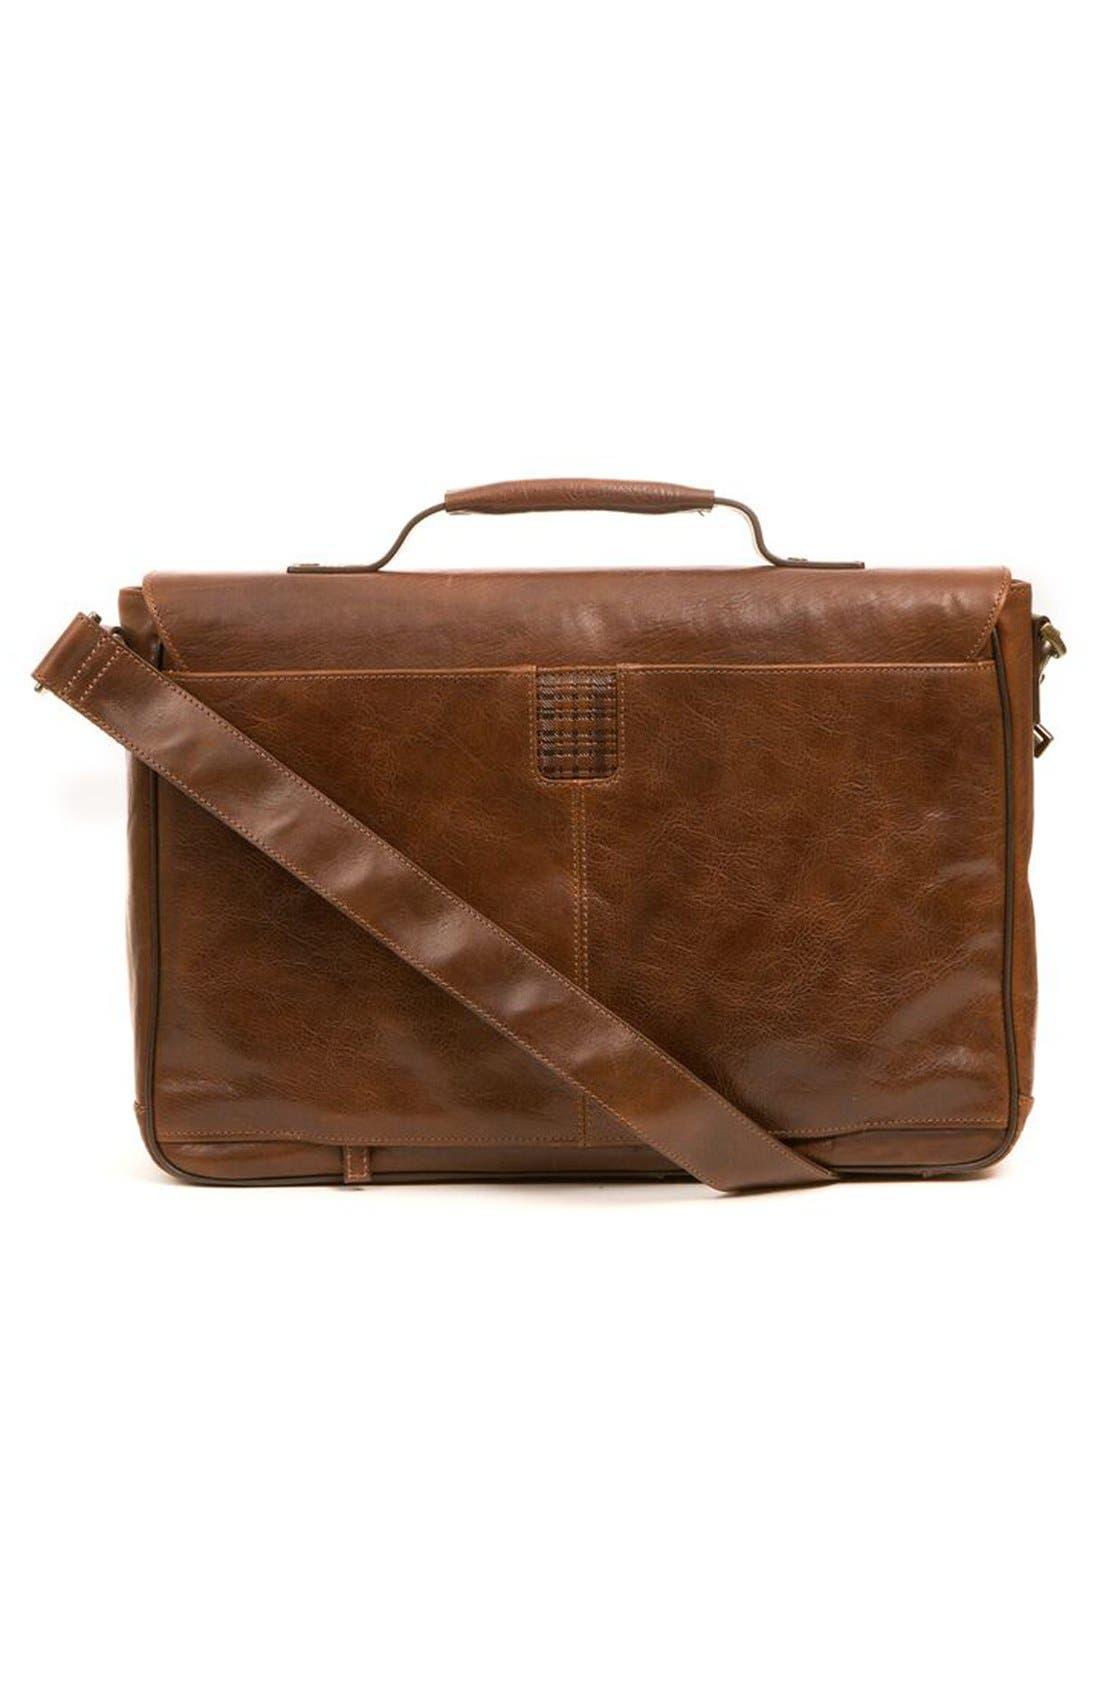 'Becker' Leather Messenger Bag,                             Alternate thumbnail 2, color,                             Whiskey W/ Khaki